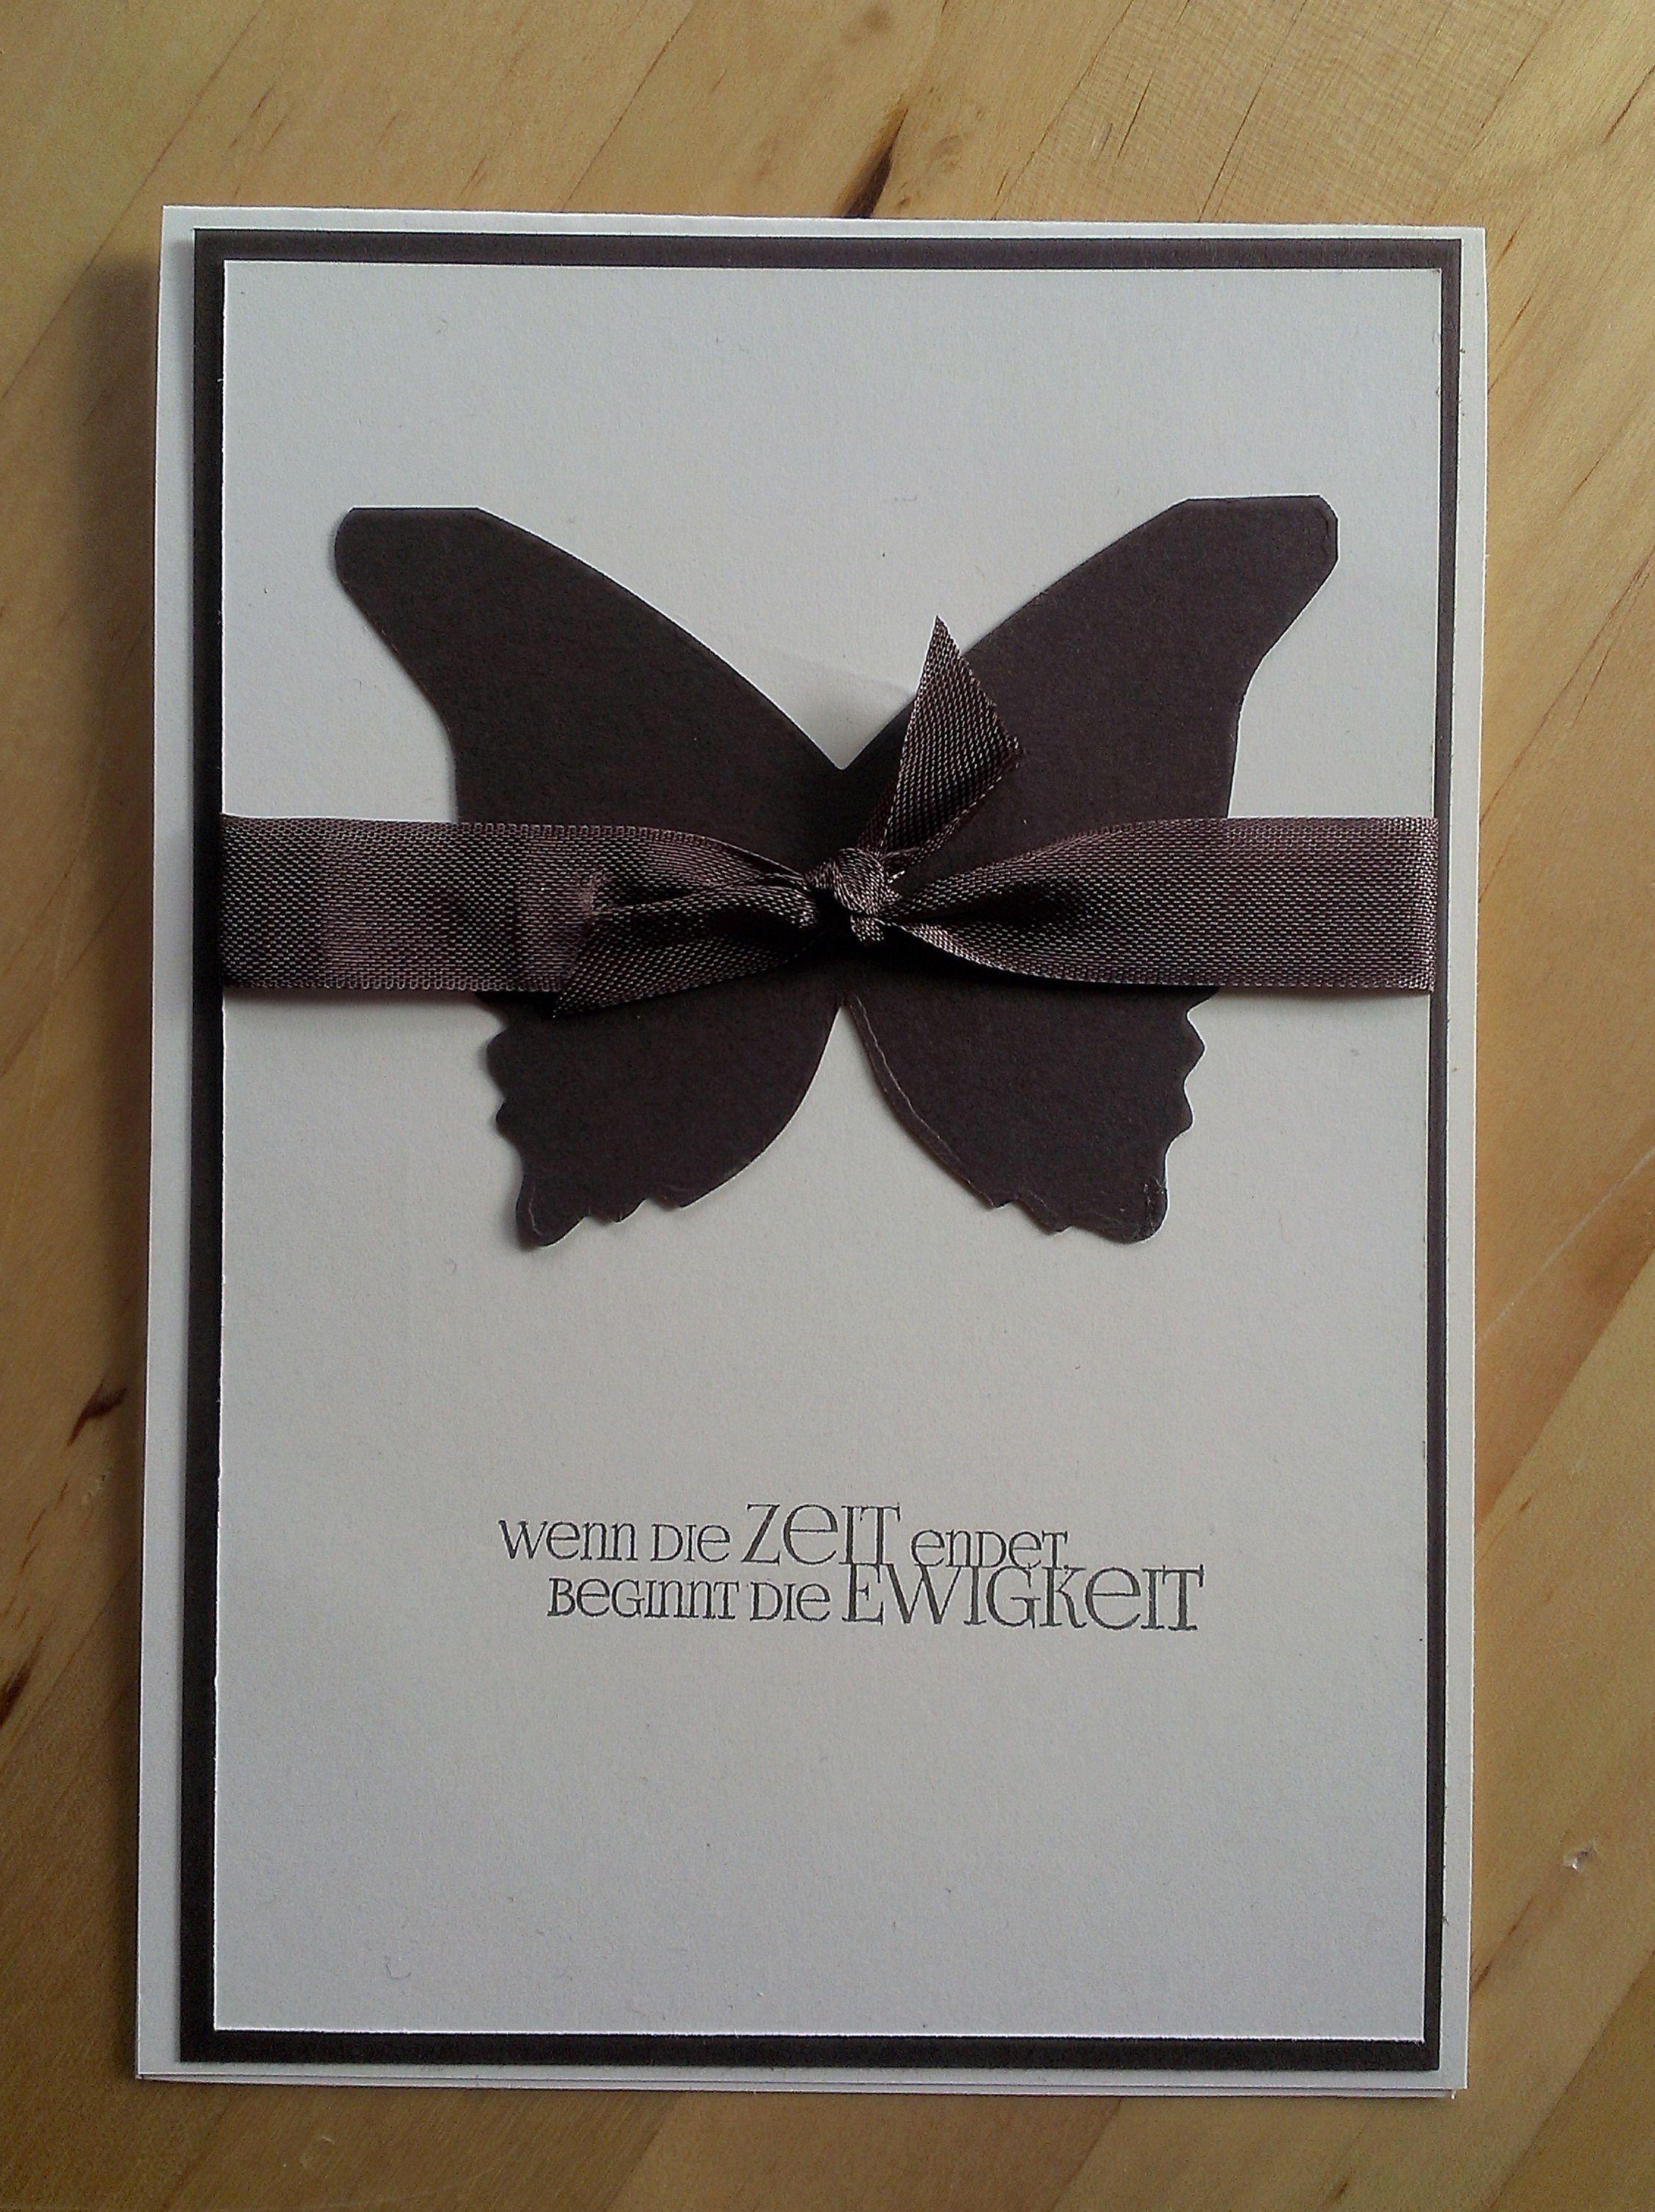 Beileidswunsche Fur Karten: Wenn Die Zeit Endet…Trauerkarten